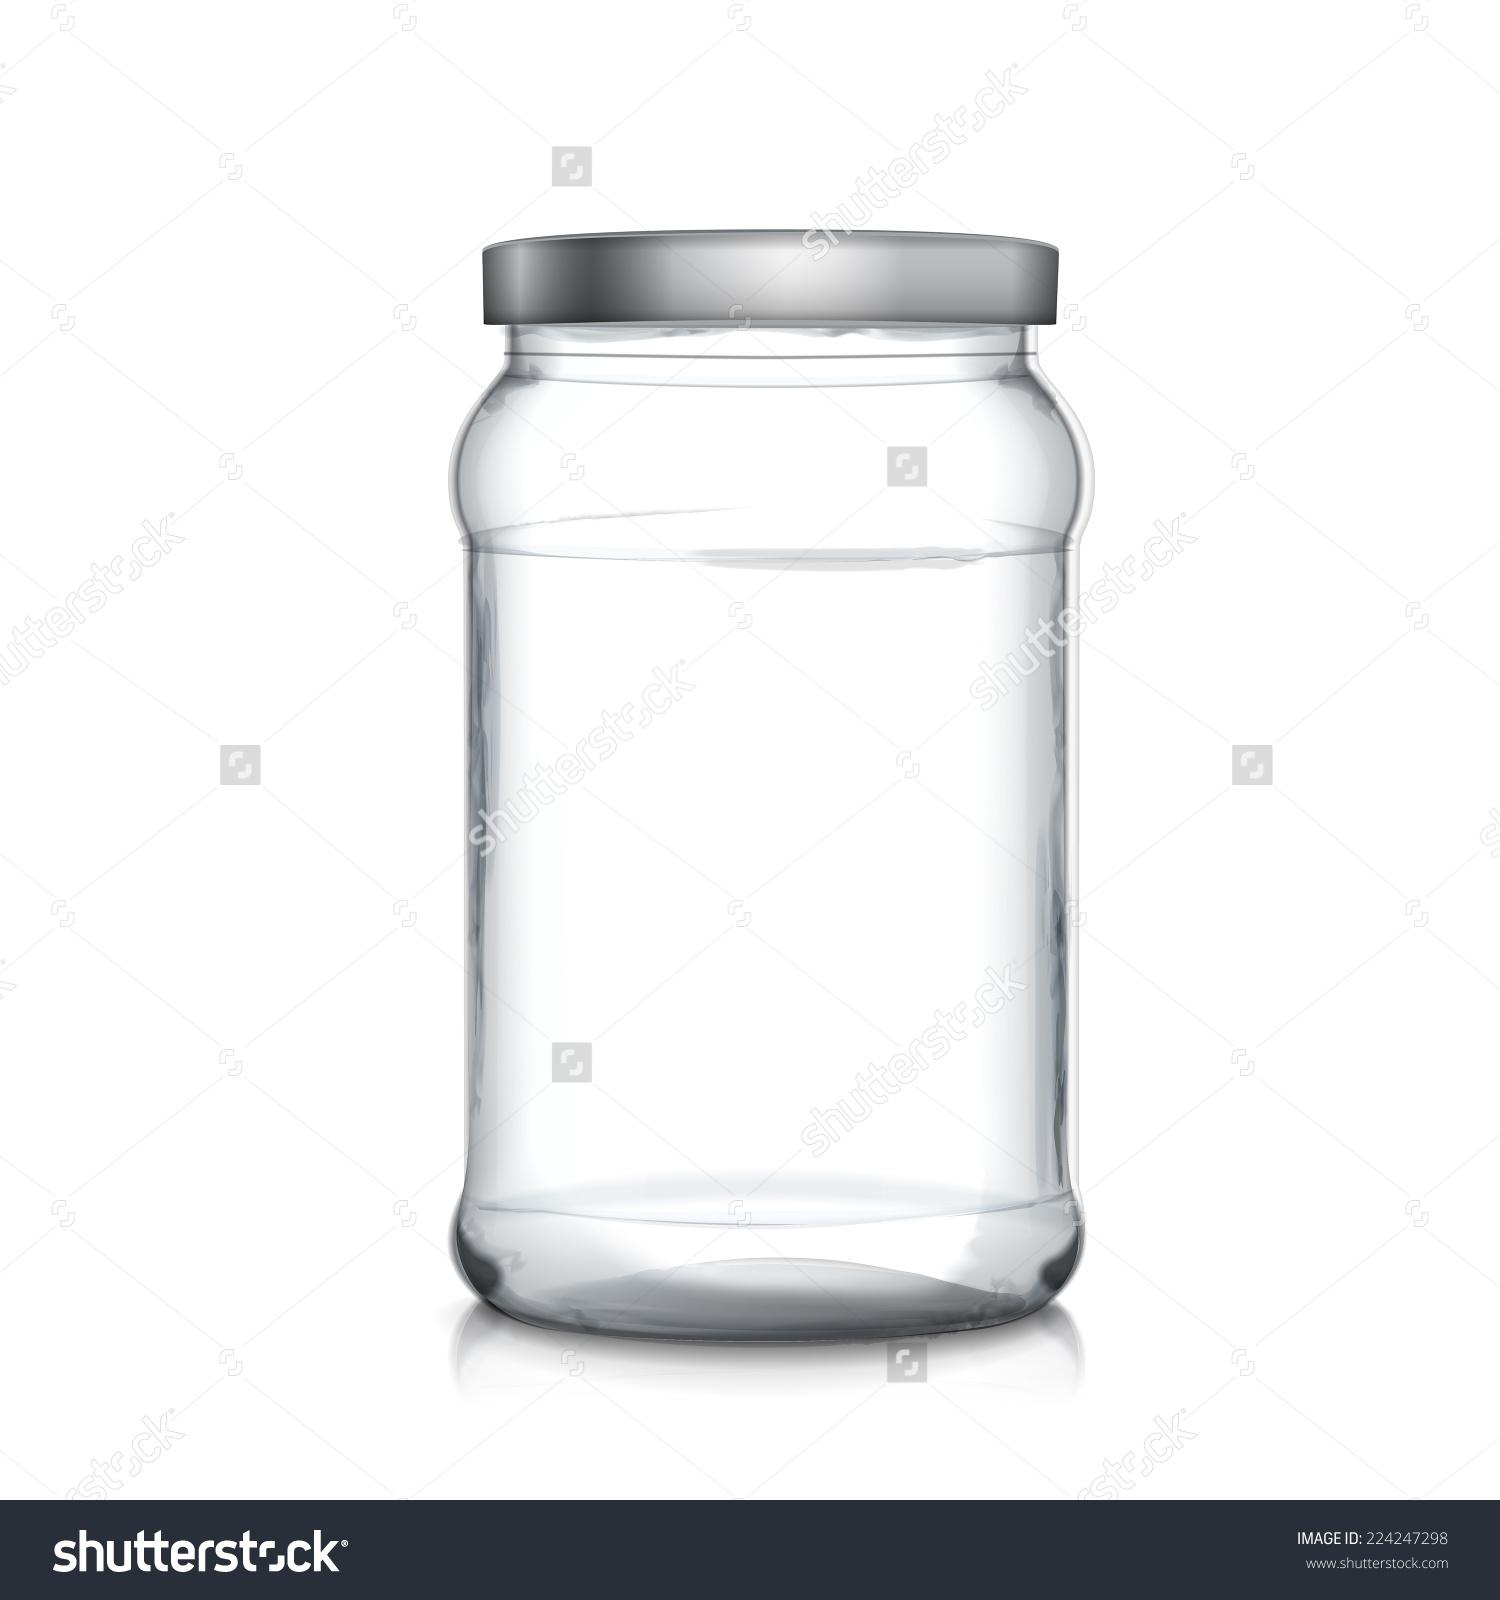 白色背景上的空玻璃瓶-背景/素材,物体-海洛创意()-合